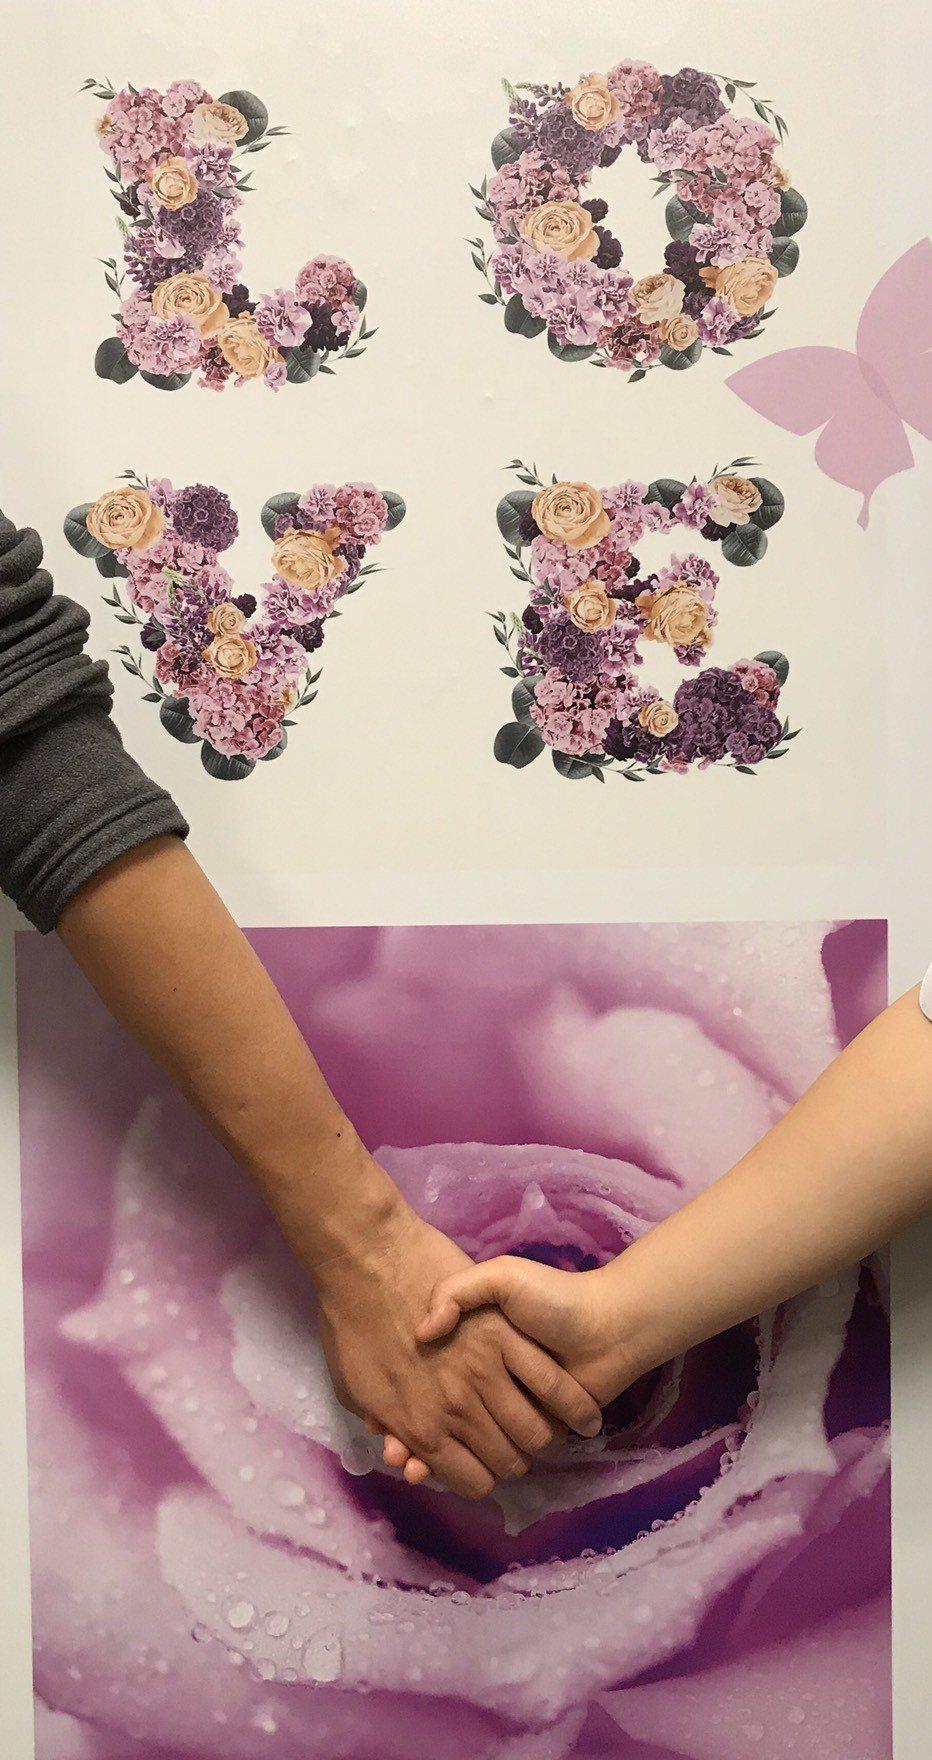 月老銀行兩性顧問曹雅芳表示,許多情人甚至有意追求者,認為在情人節送對方禮物,是最...